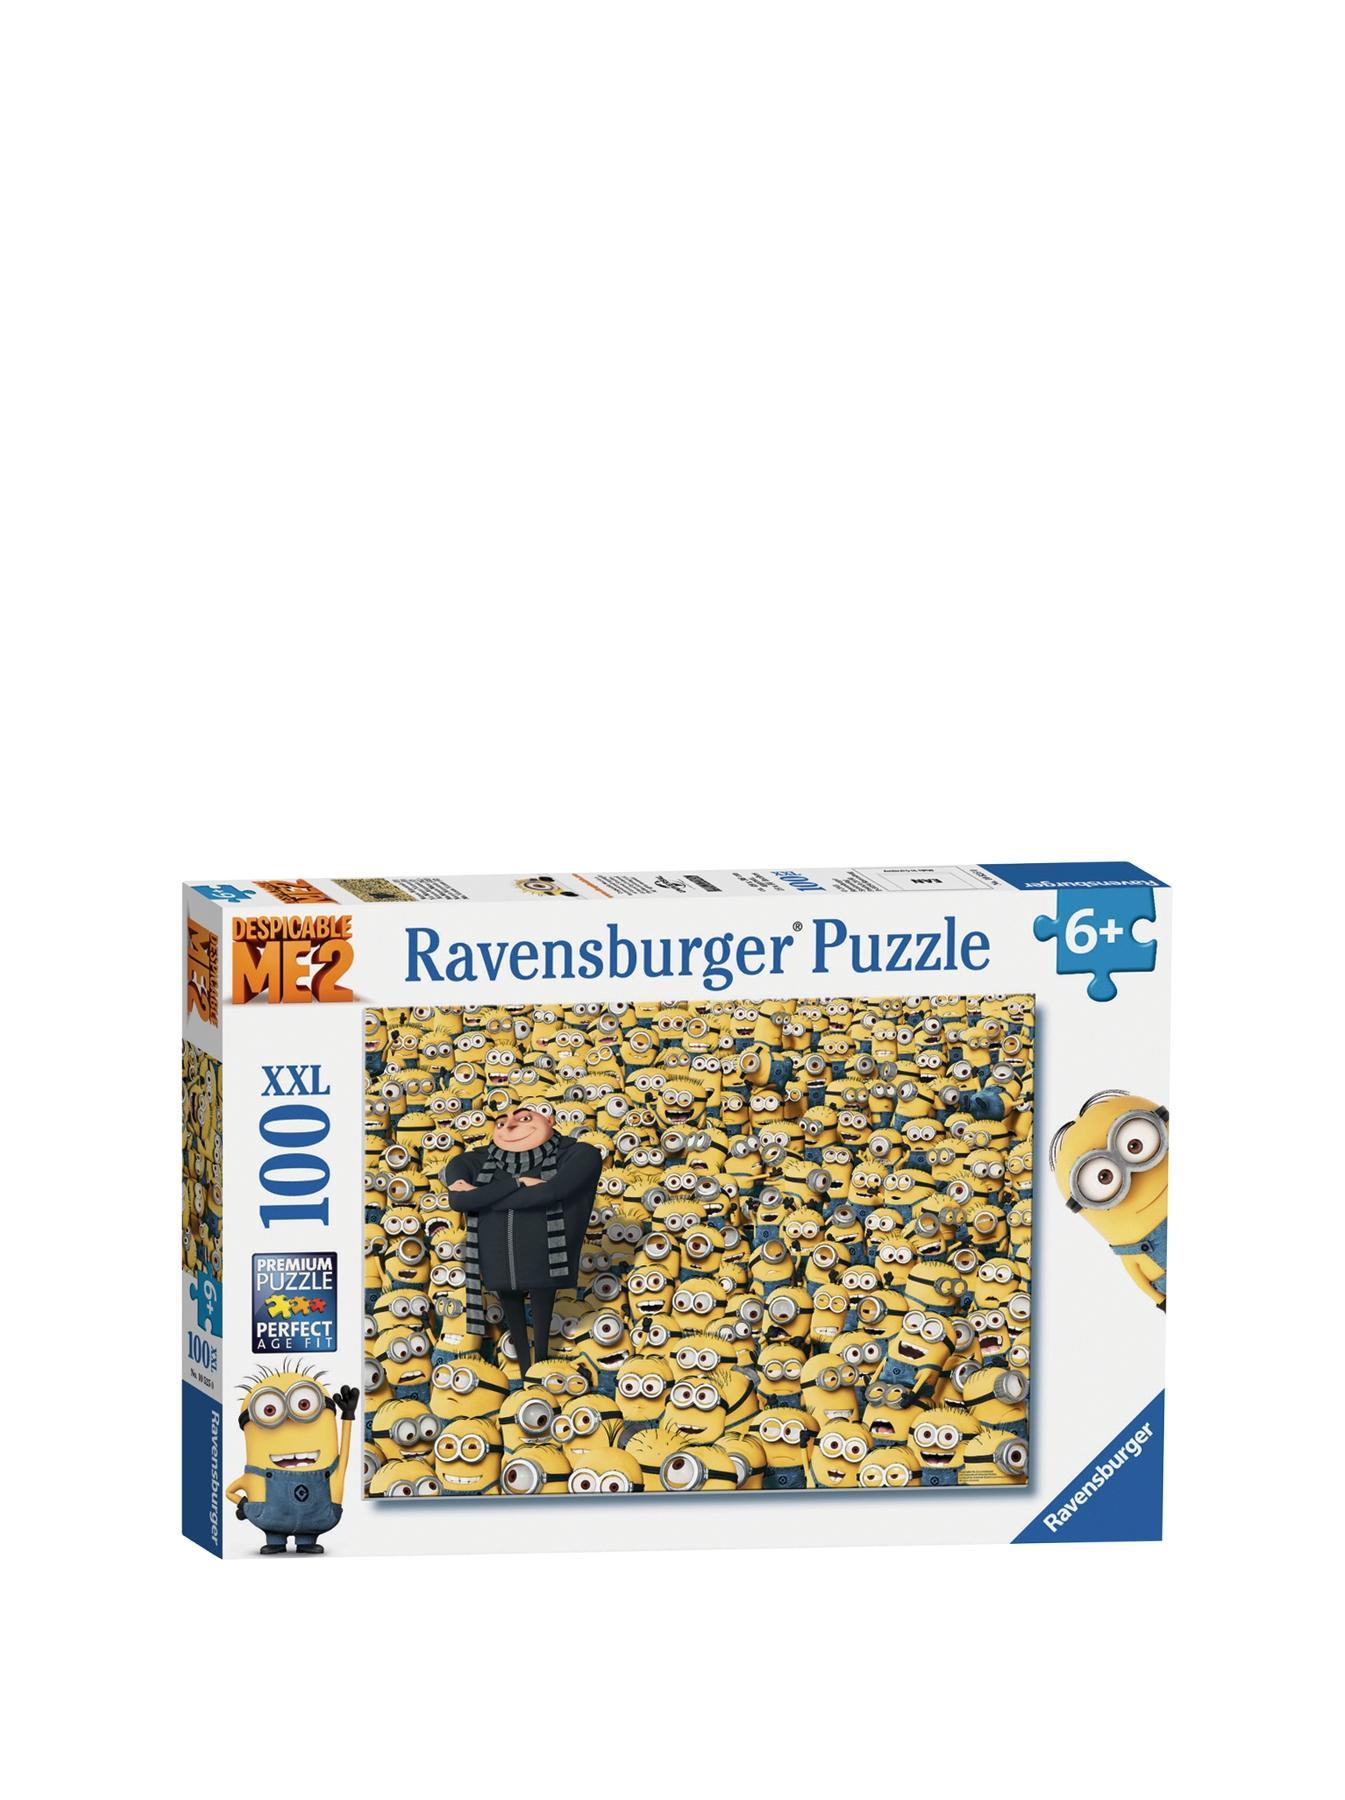 Ravensburger Despicable Me 2, XXL 100 Piece Jigsaw Puzzle